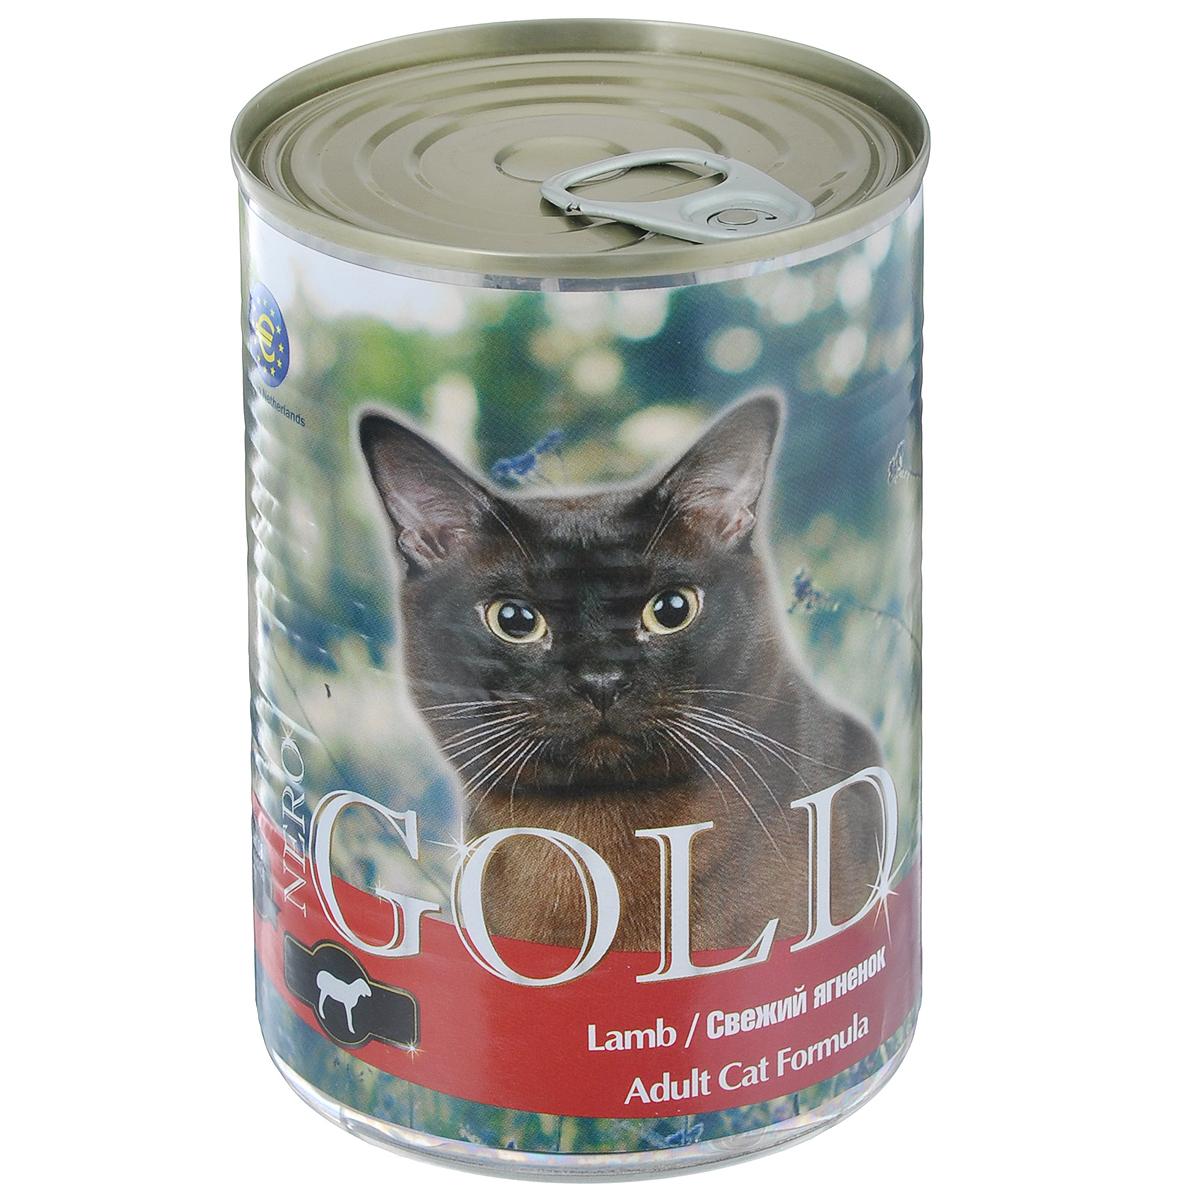 Консервы для кошек Nero Gold, свежий ягненок, 410 г24486Консервы для кошек Nero Gold - полнорационный продукт, содержащий все необходимые витамины и минералы, сбалансированный для поддержания оптимального здоровья вашего питомца! Состав: мясо и его производные, филе курицы, ягненок, злаки, витамины и минералы. Гарантированный анализ: белки 6%, жиры 4,5%, клетчатка 0,5%, зола 2%, влага 81%. Пищевые добавки на 1 кг продукта: витамин А 1600 МЕ, витамин D 140 МЕ, витамин Е 10 МЕ, таурин 300 мг, железо 24 мг, марганец 6 мг, цинк 15 мг, медь 1 мг, магний 200 мг, йод 0,3 мг, селен 0,2 мг. Вес: 410 г. Товар сертифицирован.